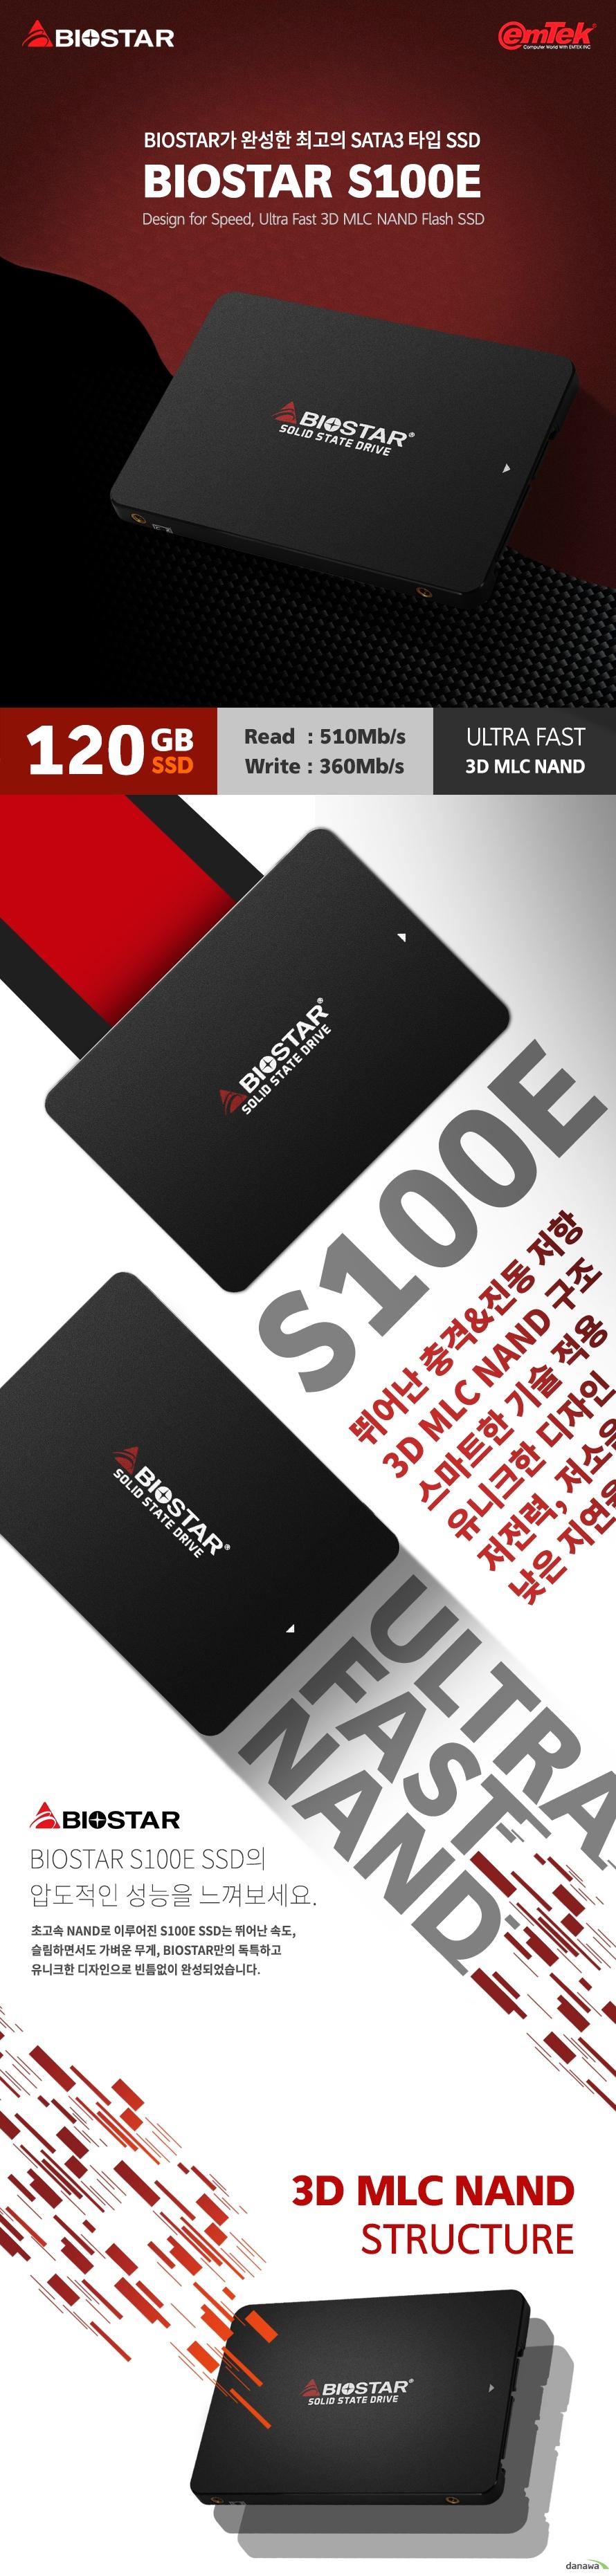 이엠텍 BIOSTAR S100E (120GB)  제품 상세 정보  용량 120GB 인터페이스 SATA3 낸드 종류 3D MLC 낸드 플래시 컨트롤러 마벨 88nv1120  제품 성능 읽기 최대 510MB/S 쓰기 최대 360MB/S  작동 온도 0도에서 영상 70도까지  정격 전압 DC 5V  제품 특징 TRIM S.M.A.R.T NCQ WEAR LEVELING 기술 적용 제품 크기 길이 100 밀리미터 넓이 70 밀리미터 두께 7 밀리미터  충격 저항 1500G 진동 저항 7~800헤르츠  습도 5%~95%에서 작동가능  전력 소모   사용시 1.6와트 대기시 0.34와트  제품 무게 36그램 제품 보증 3년 무상보증 KC인증번호 R REM bmi S100